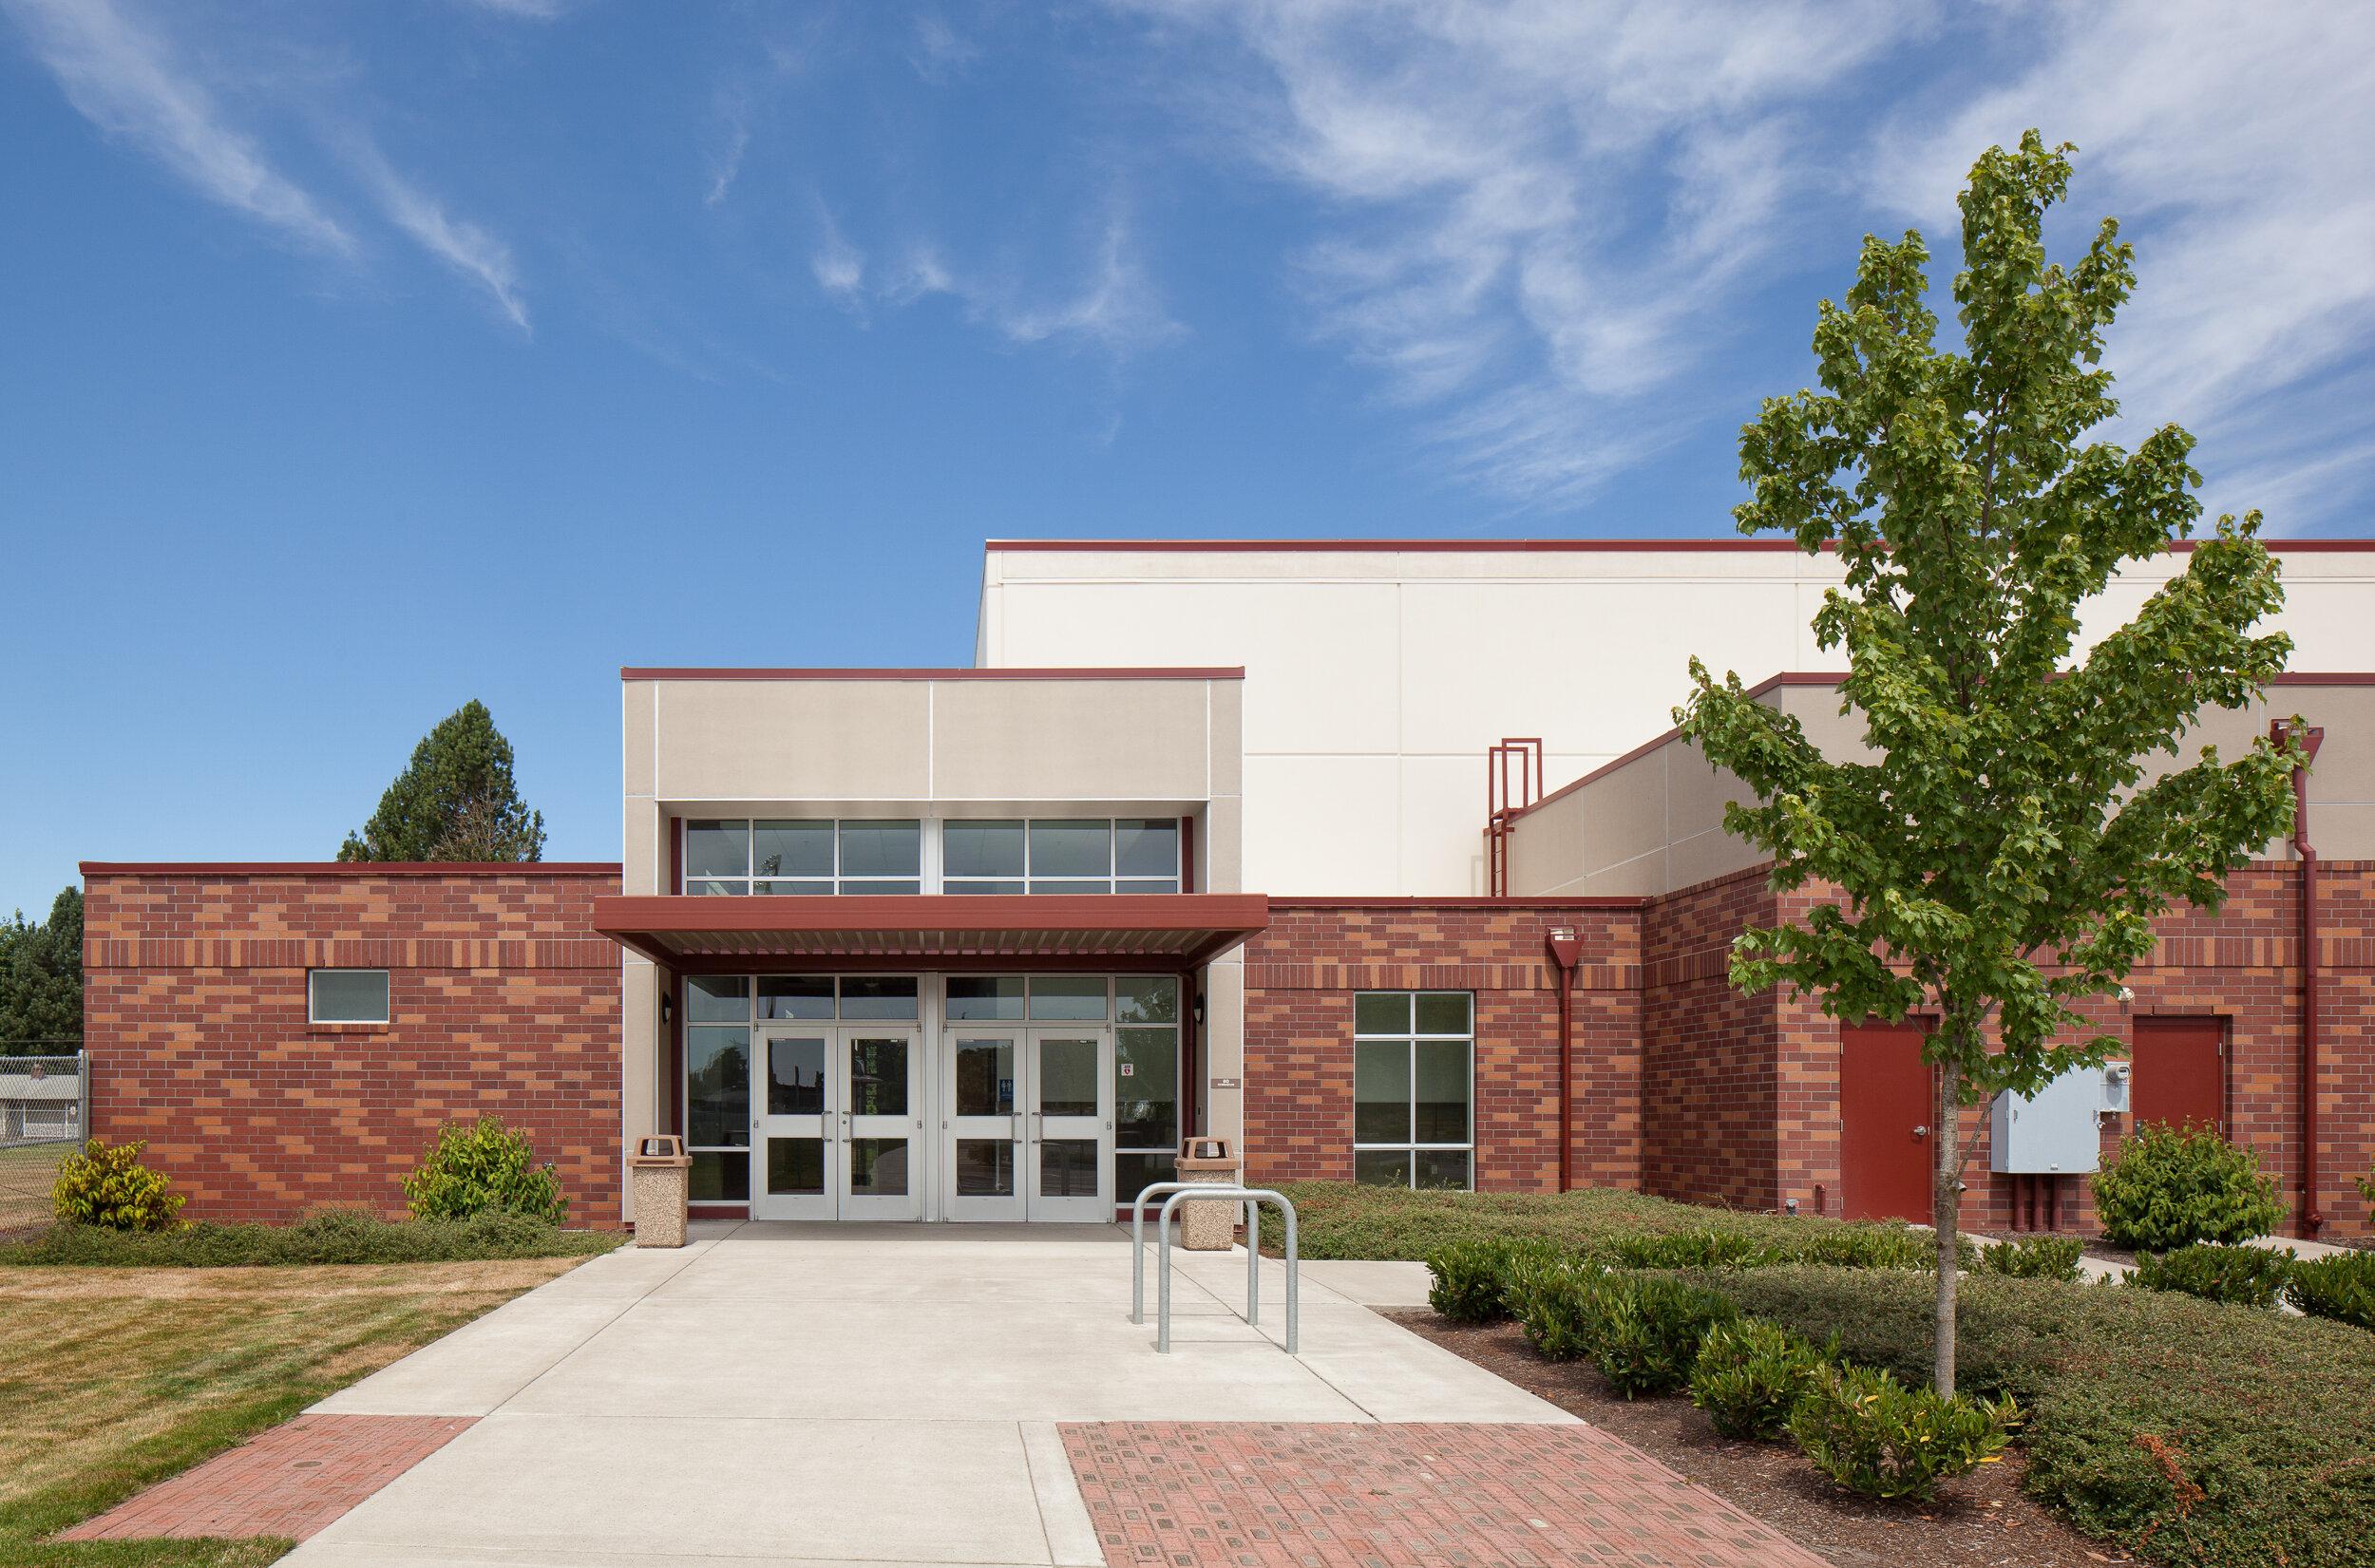 43-Dayton-JoshPartee-2763-gym-entry-elev.jpg